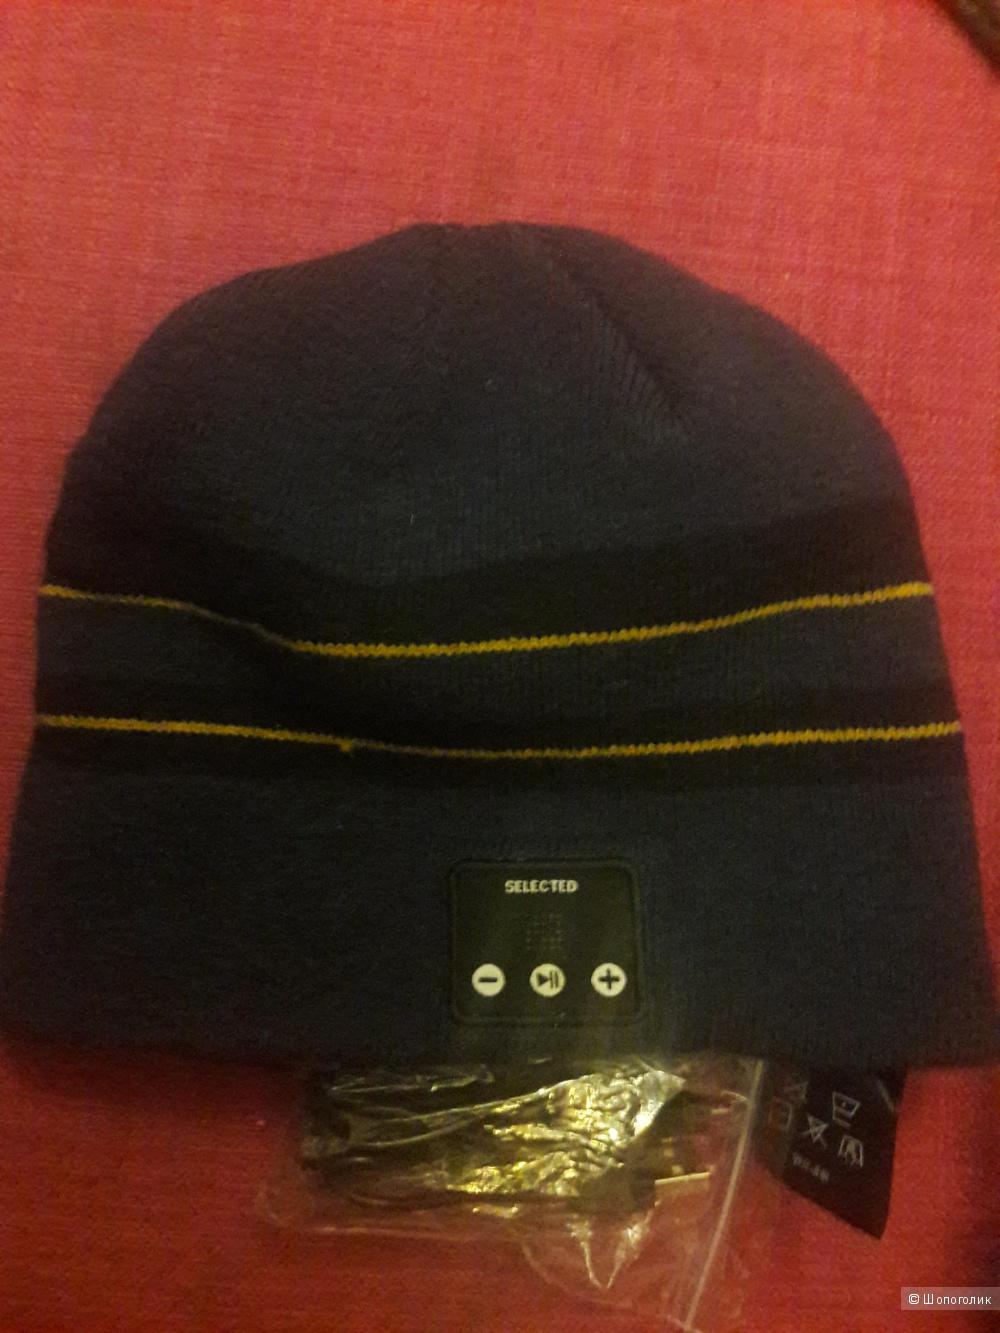 Шерстяная шапка с гарнитурой Selected